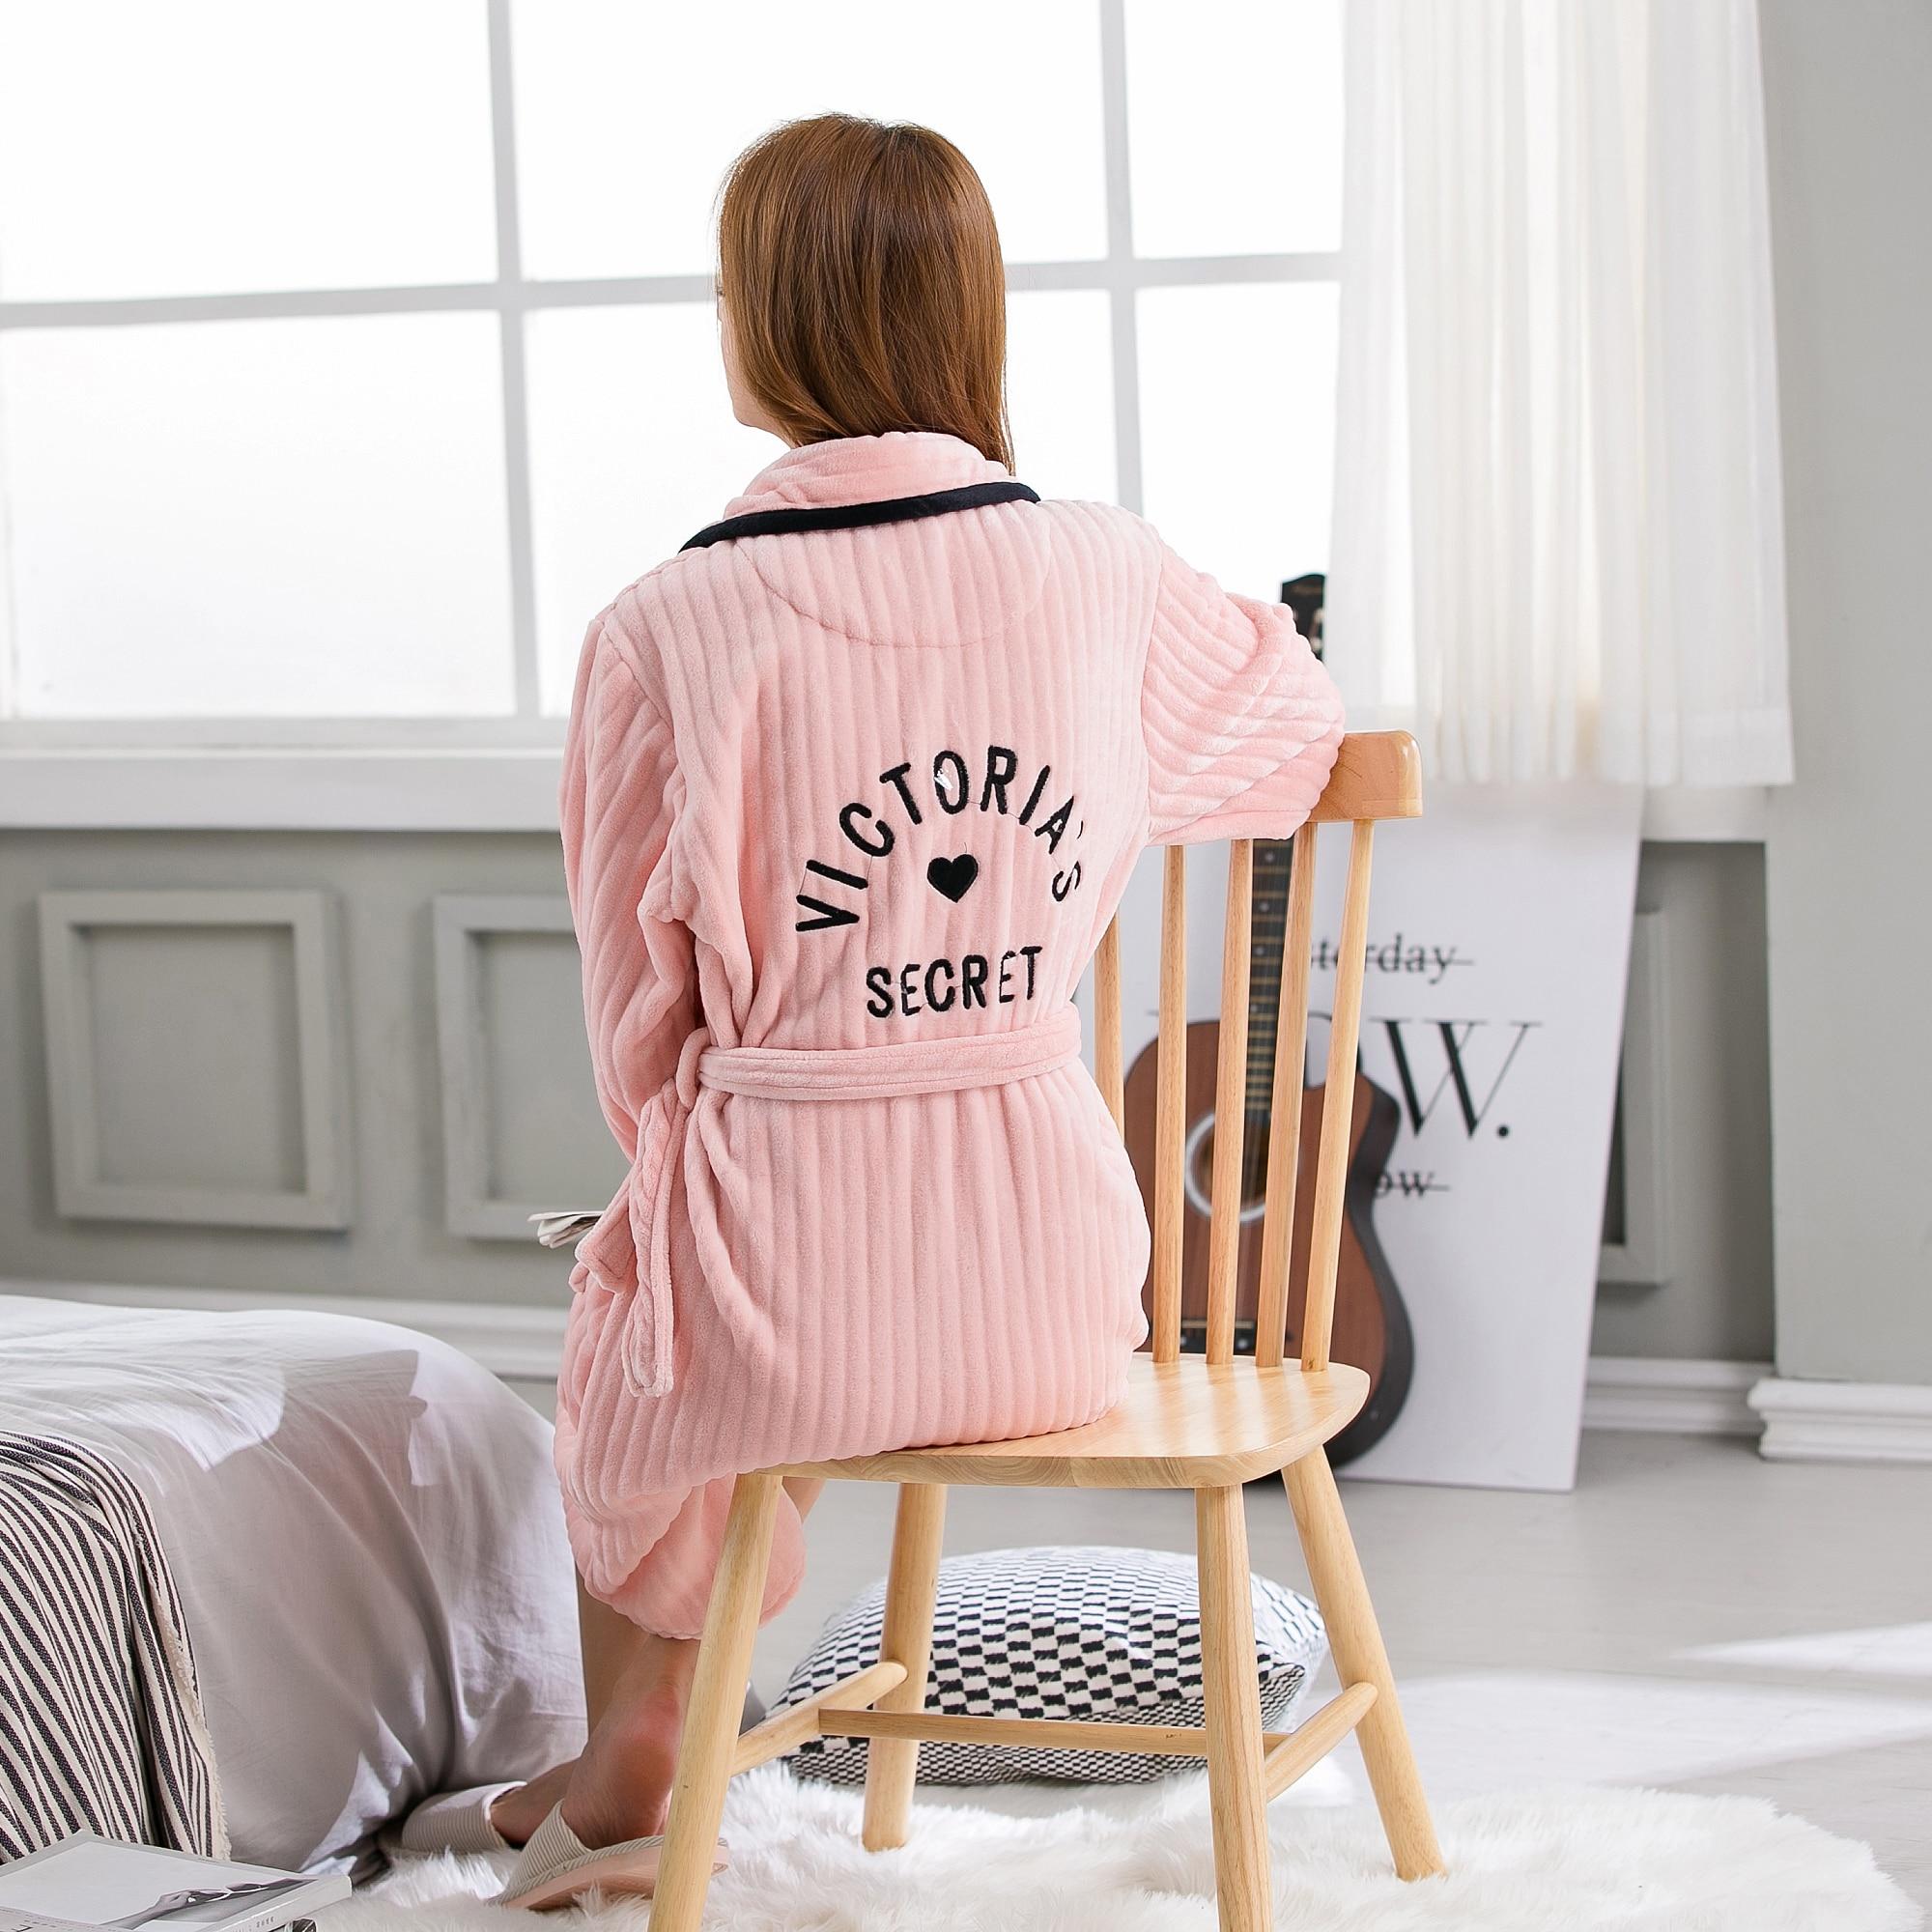 Elegant Luxury Thicken Nightgowns Winter Bathrobe Women Pajamas Bath  Flannel Warm Robe Sleepwear Womens Robes Coral Velvet-in Robes from  Underwear ... d1ca7bb13